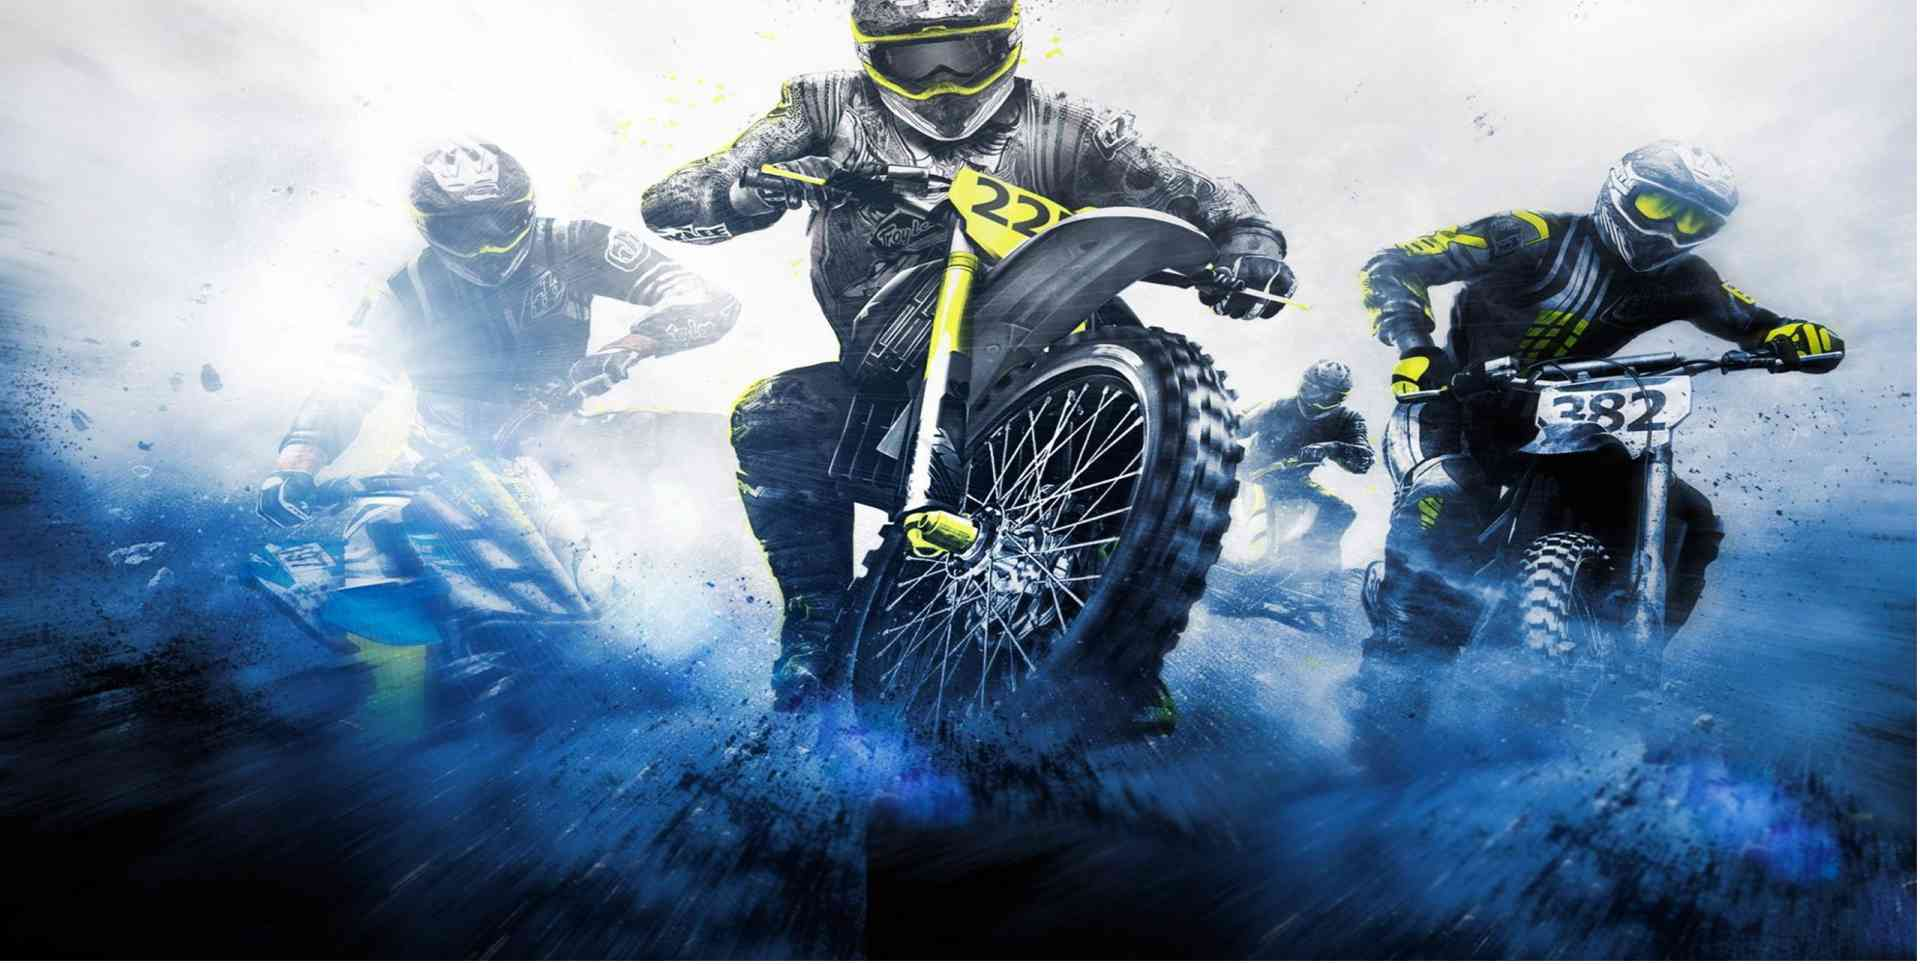 Watch Ironman National Motocross Live